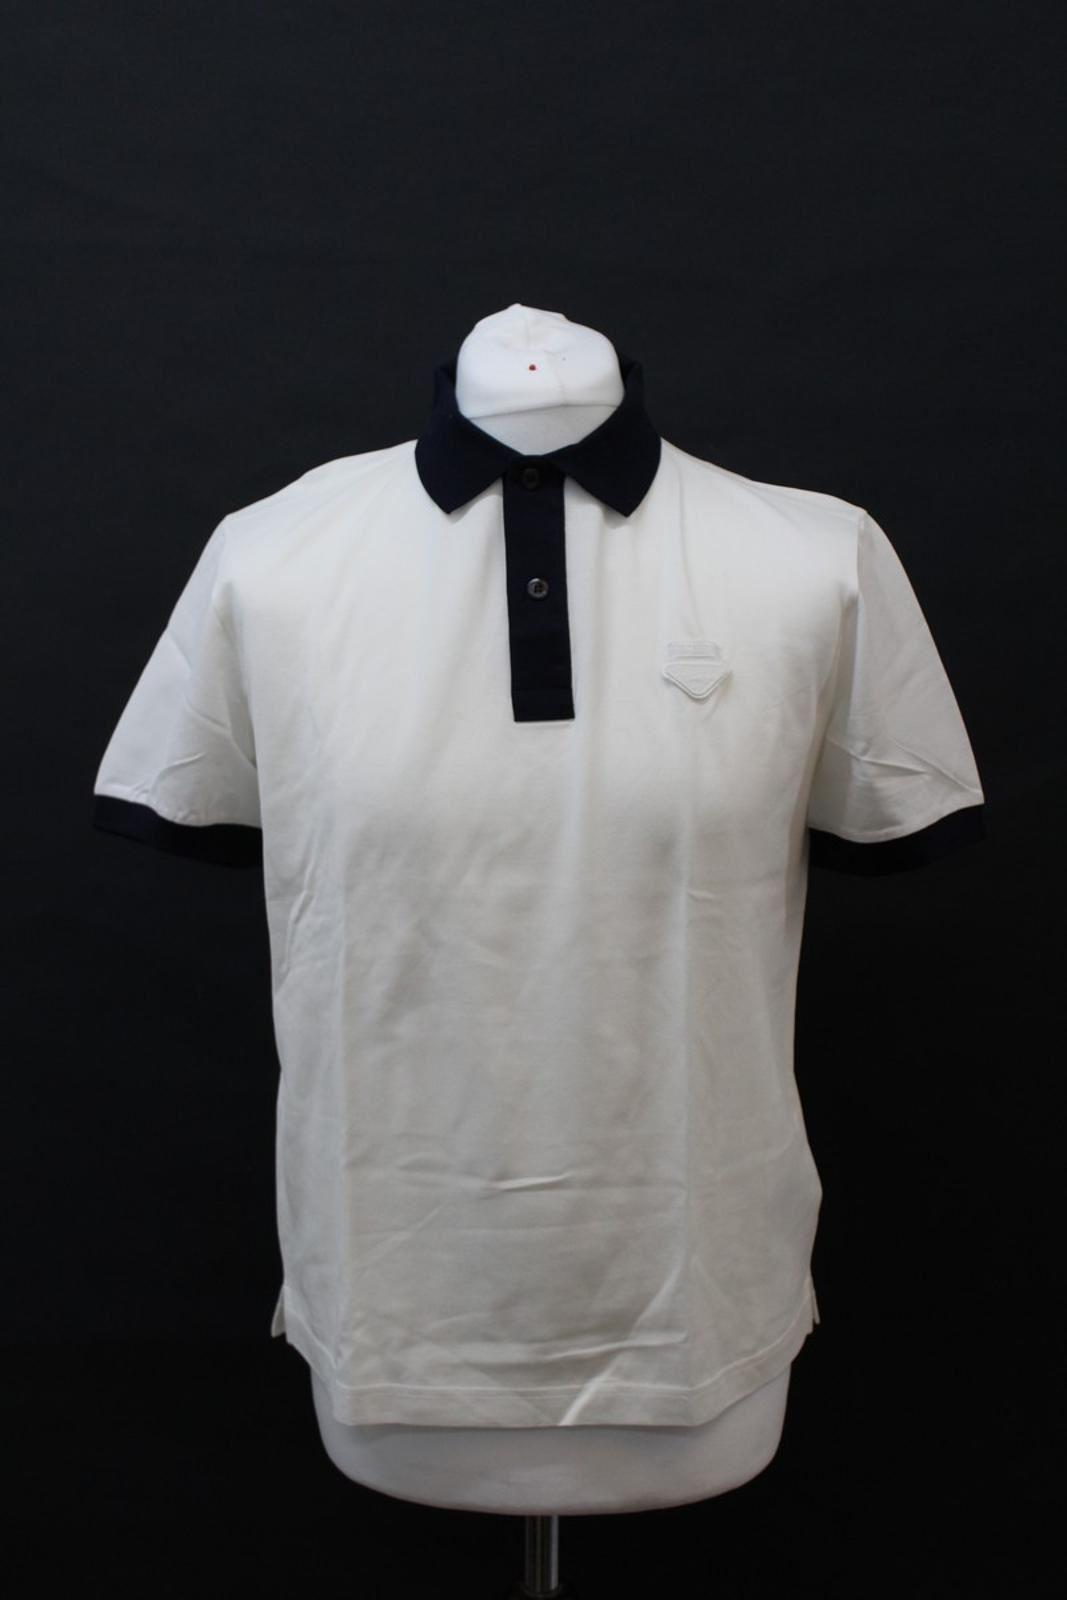 PRADA-Uomo-Avorio-Blu-Navy-Cotone-Maniche-Corte-Con-Colletto-Collo-Polo-XL